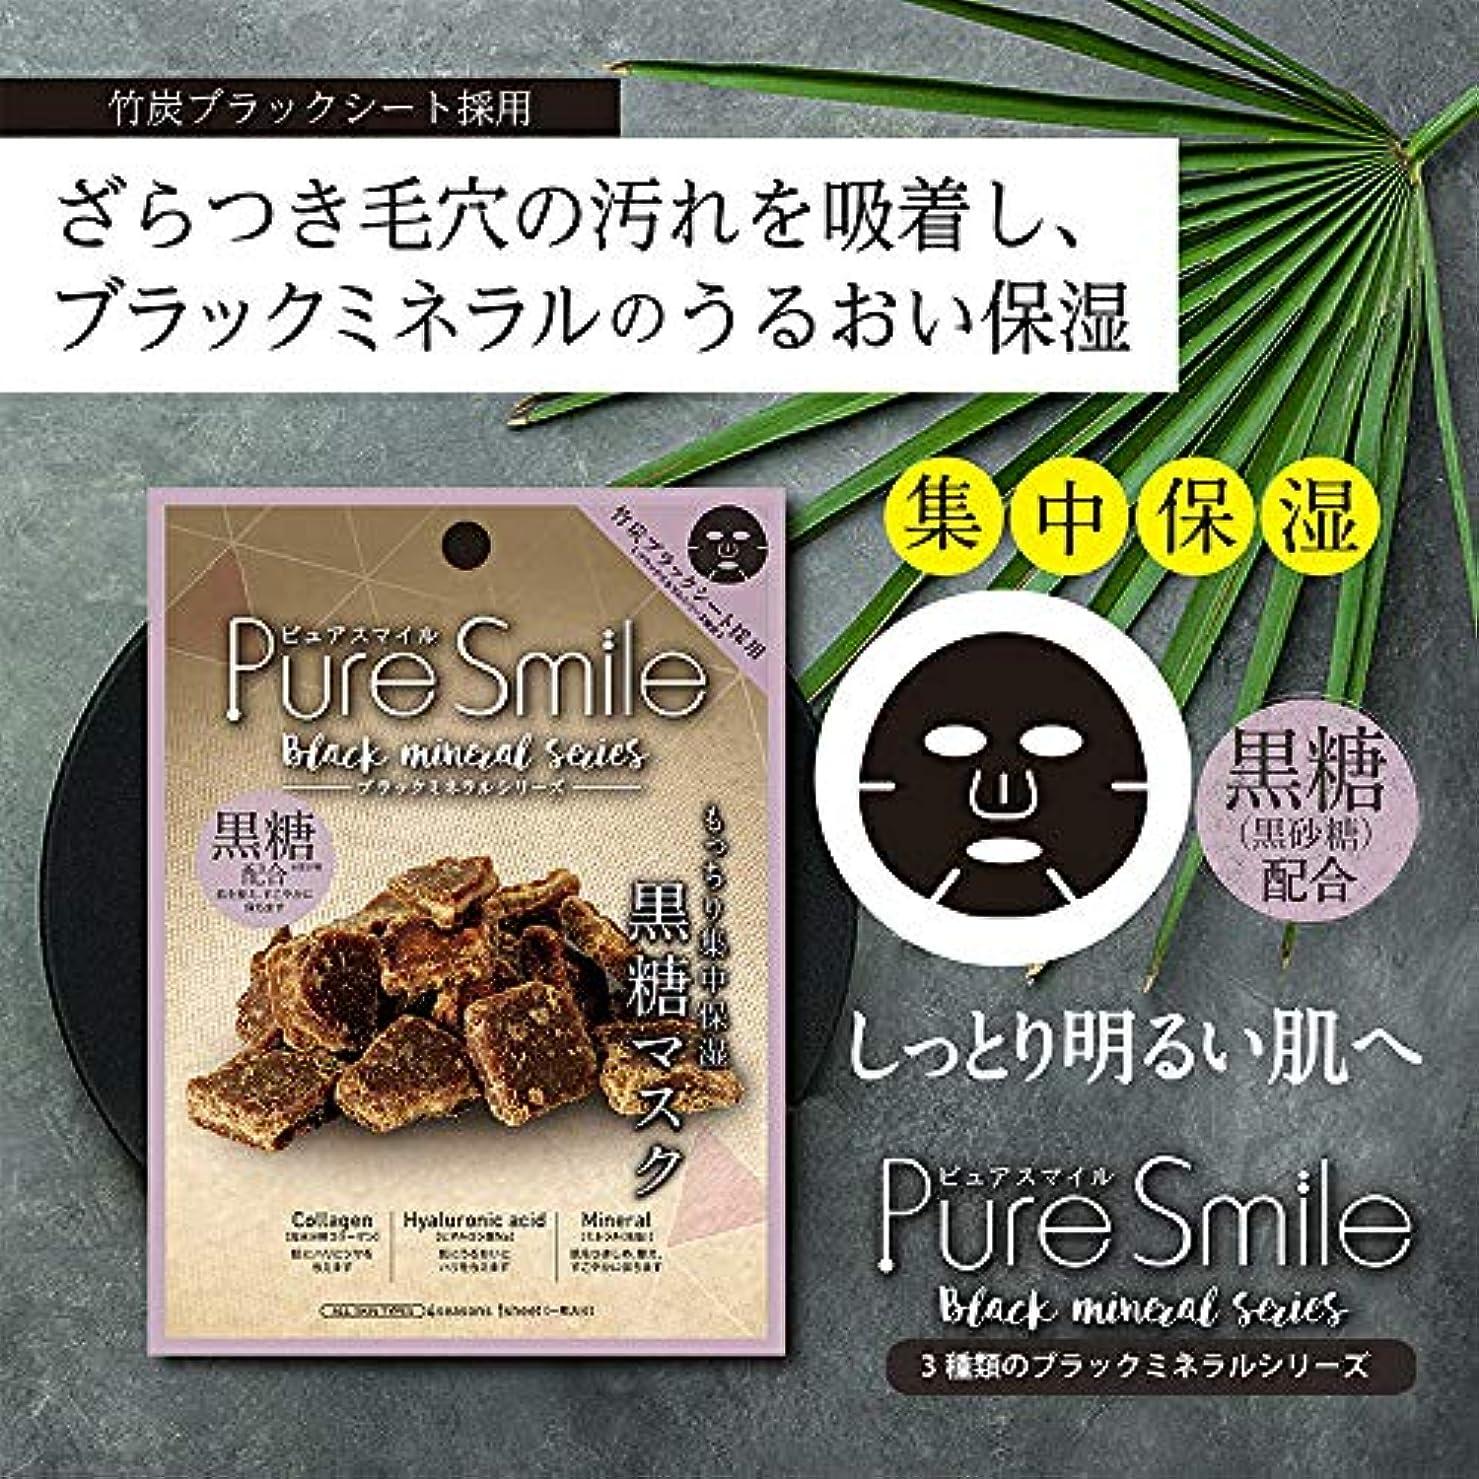 価値のないアラーム件名Pure Smile(ピュアスマイル) エッセンスマスク 『ブラックミネラルシリーズ』 (黒糖) フェイスマスク パック